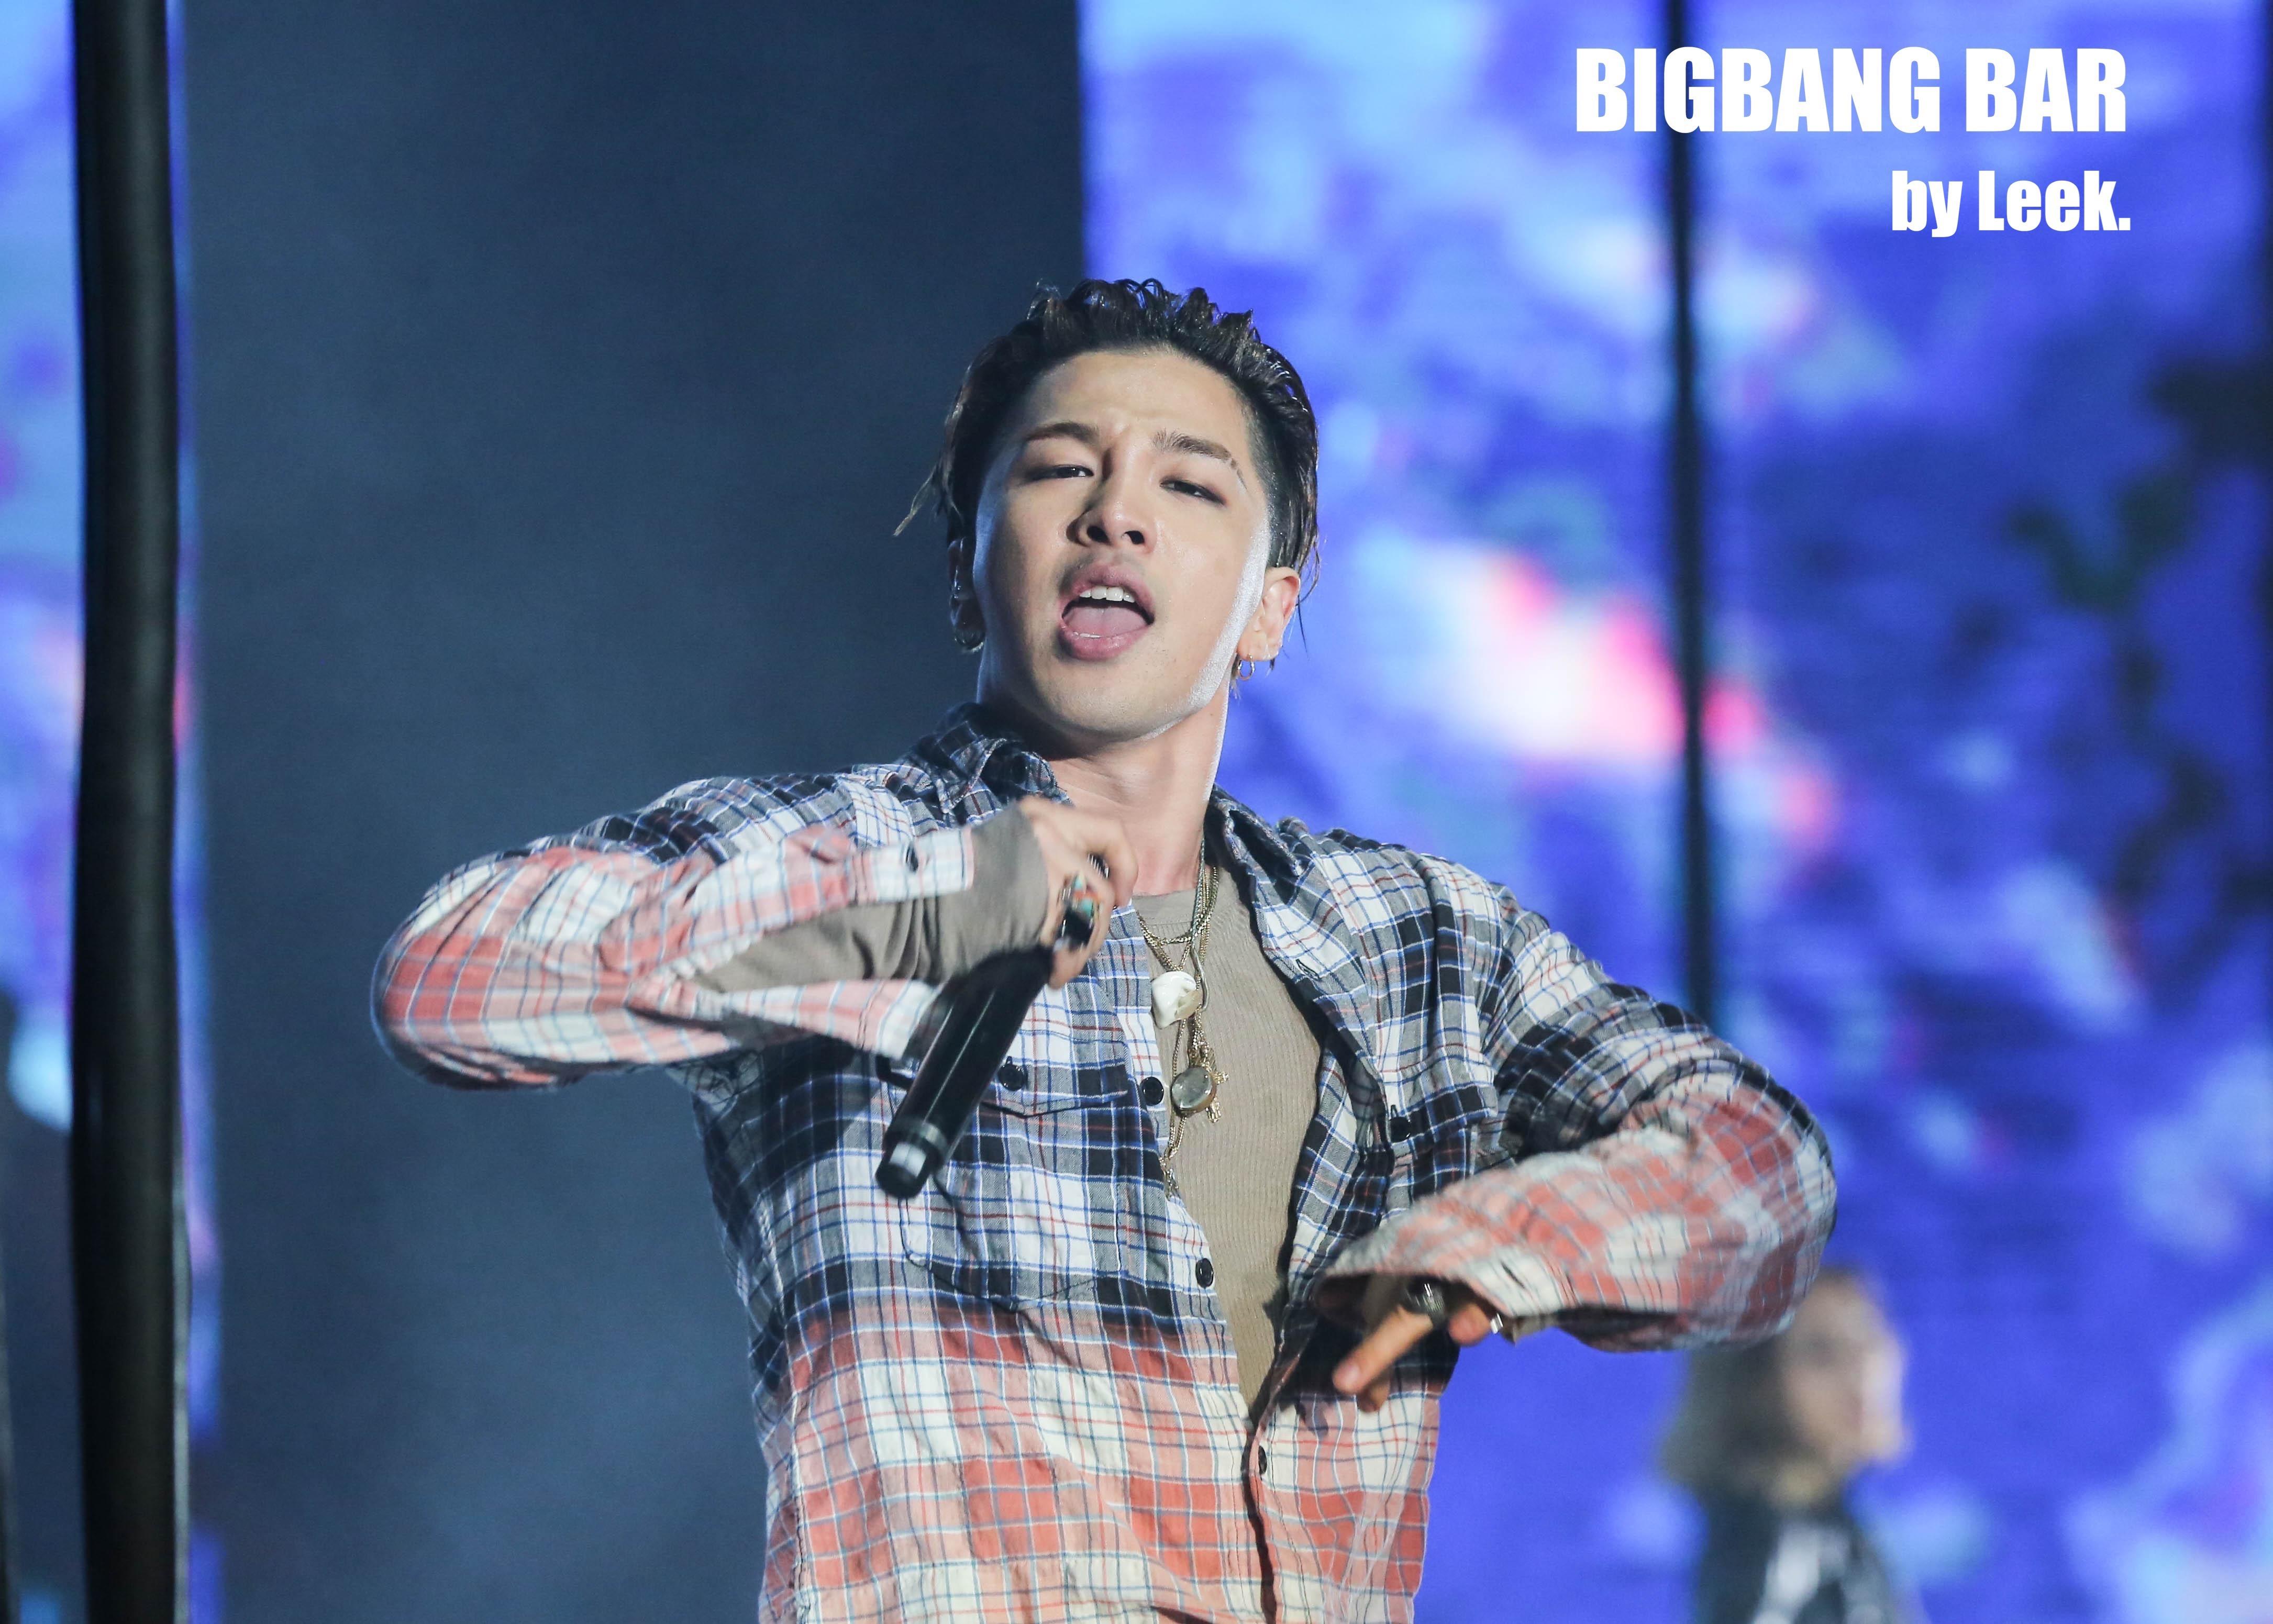 BIGBANG VIPevent Beijing 2016-01-01 By BIGBANGBar By Leek (29)